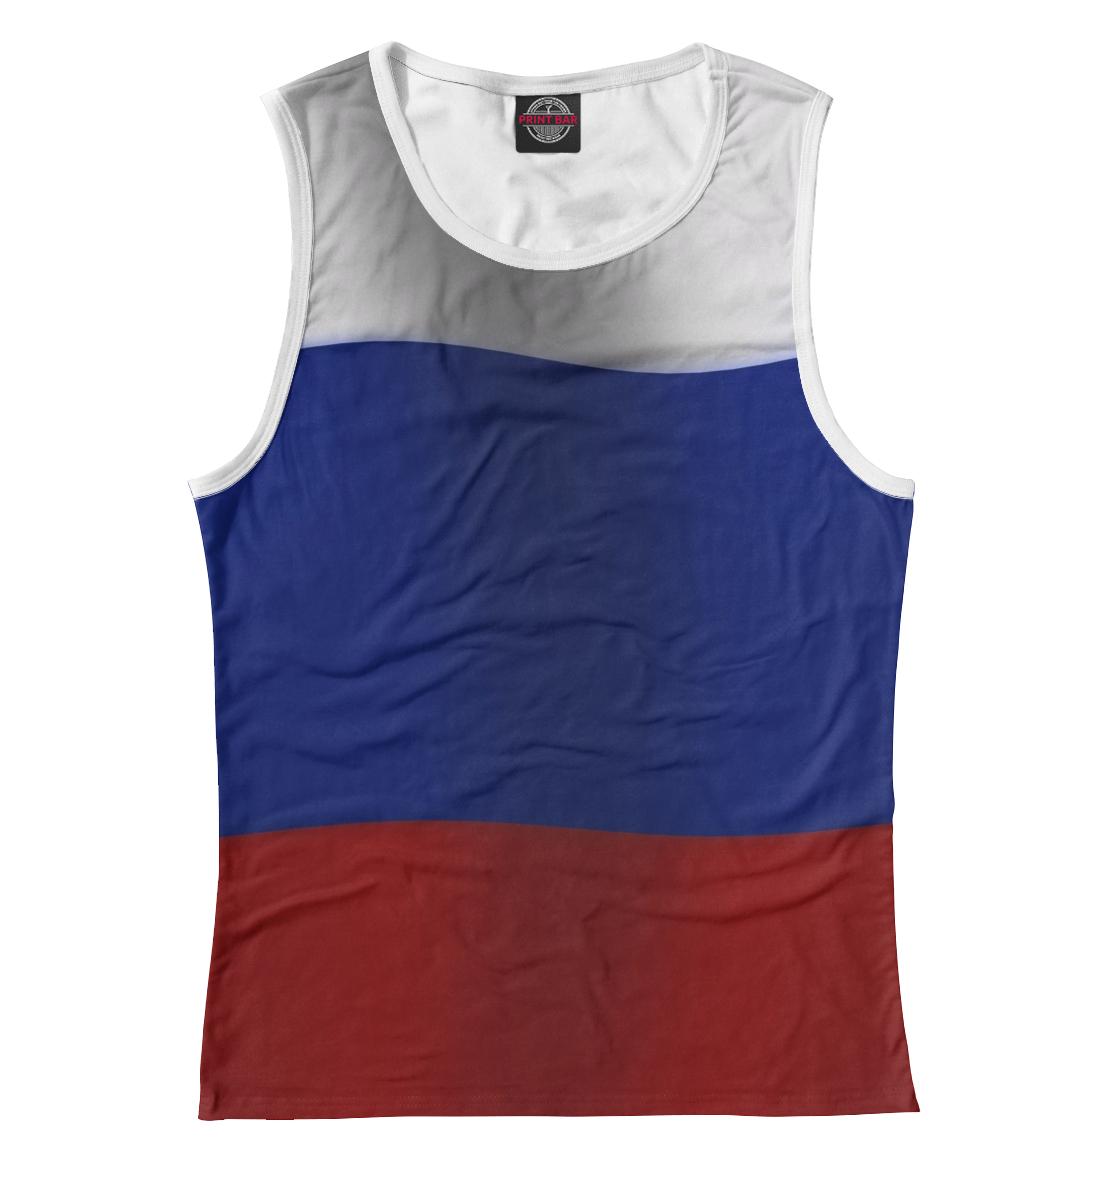 Купить Триколор, Printbar, Майки, VSY-106500-may-1